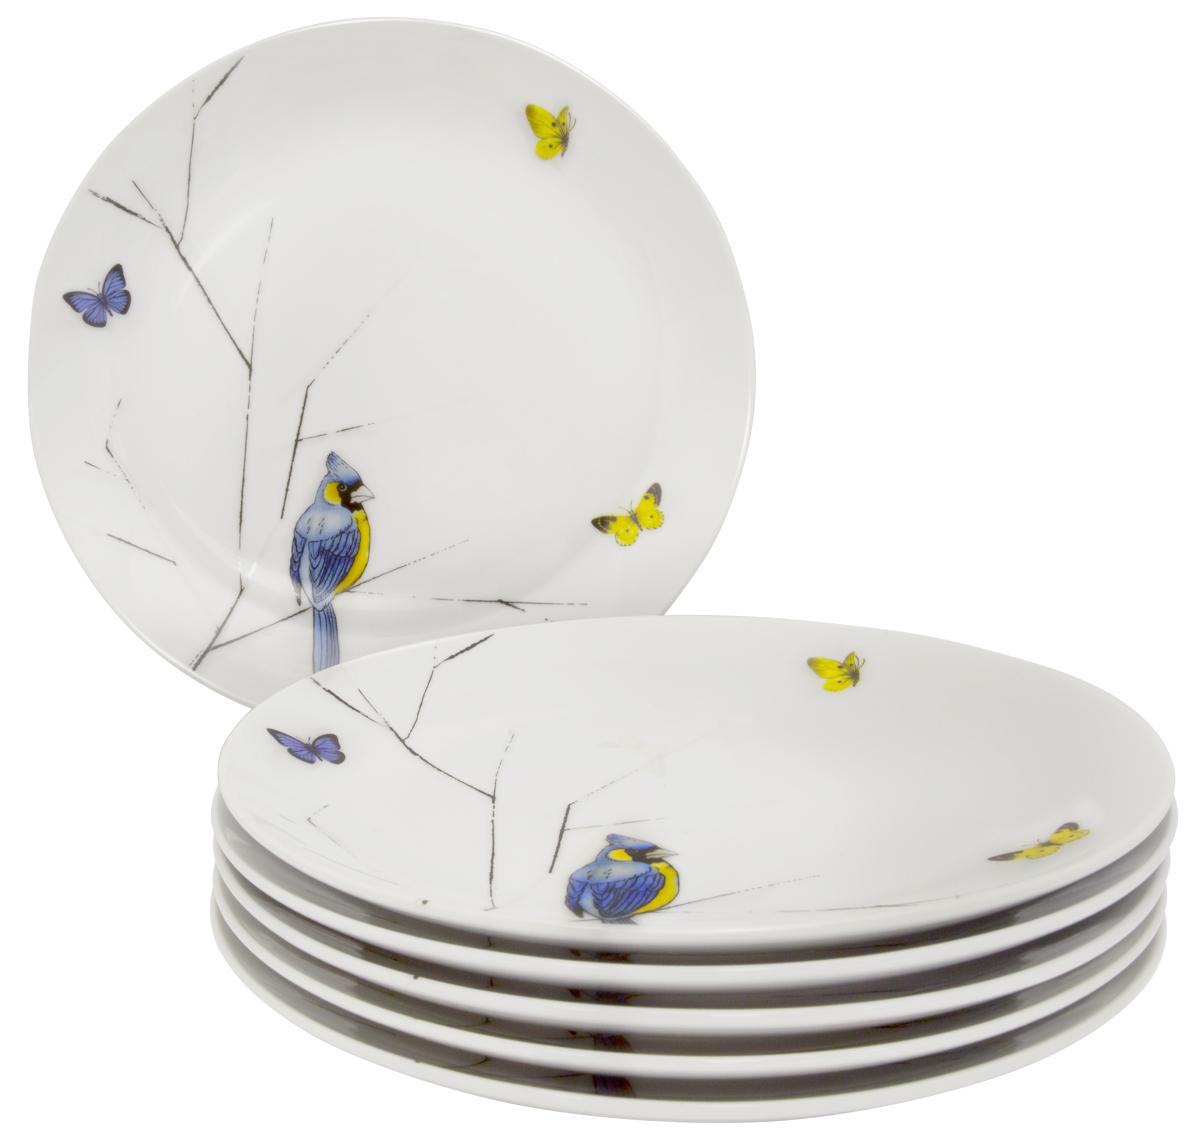 Тарелка обеденная Esprado Primavera, 24,5 см, 6 шт. PRM024YE301PRM024YE301Тарелка обеденная, 24,5 см, твердый фарфор, Primavera, Esprado, PRM024YE301